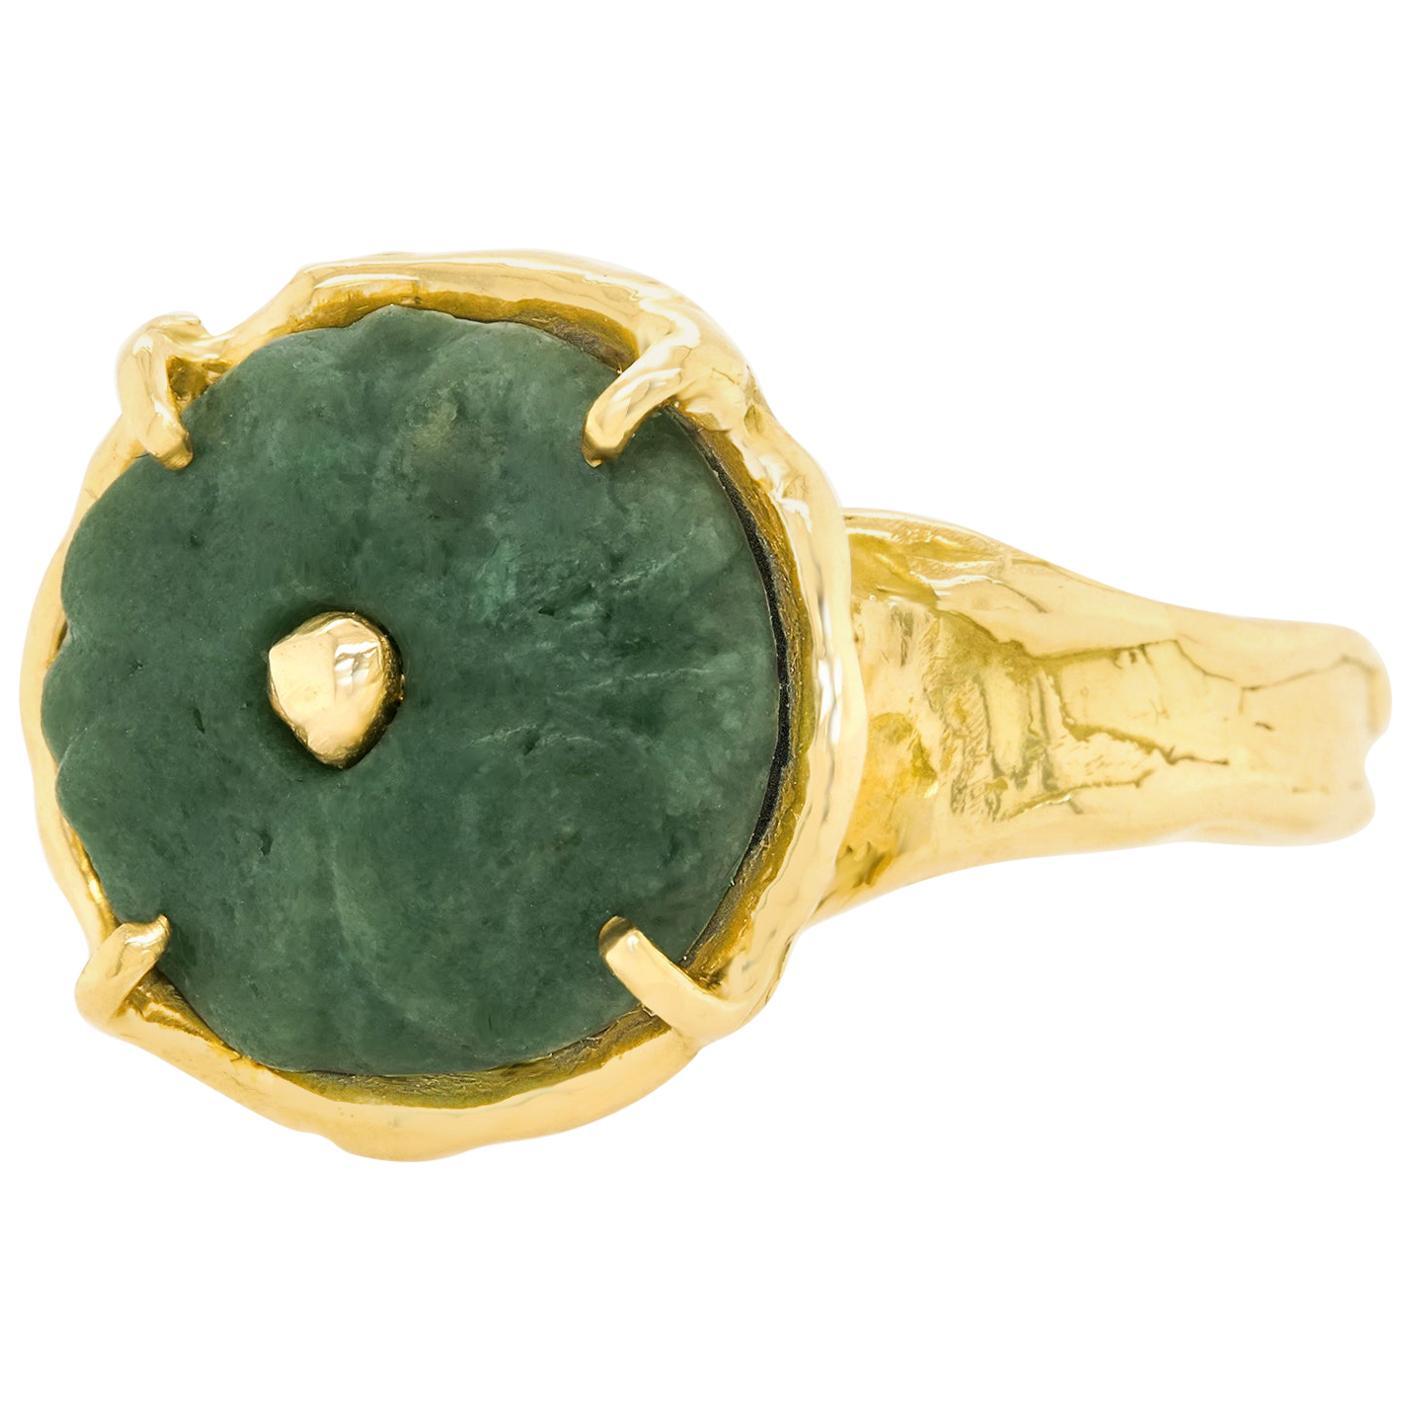 Antique Carved Jade-Set Gold Ring